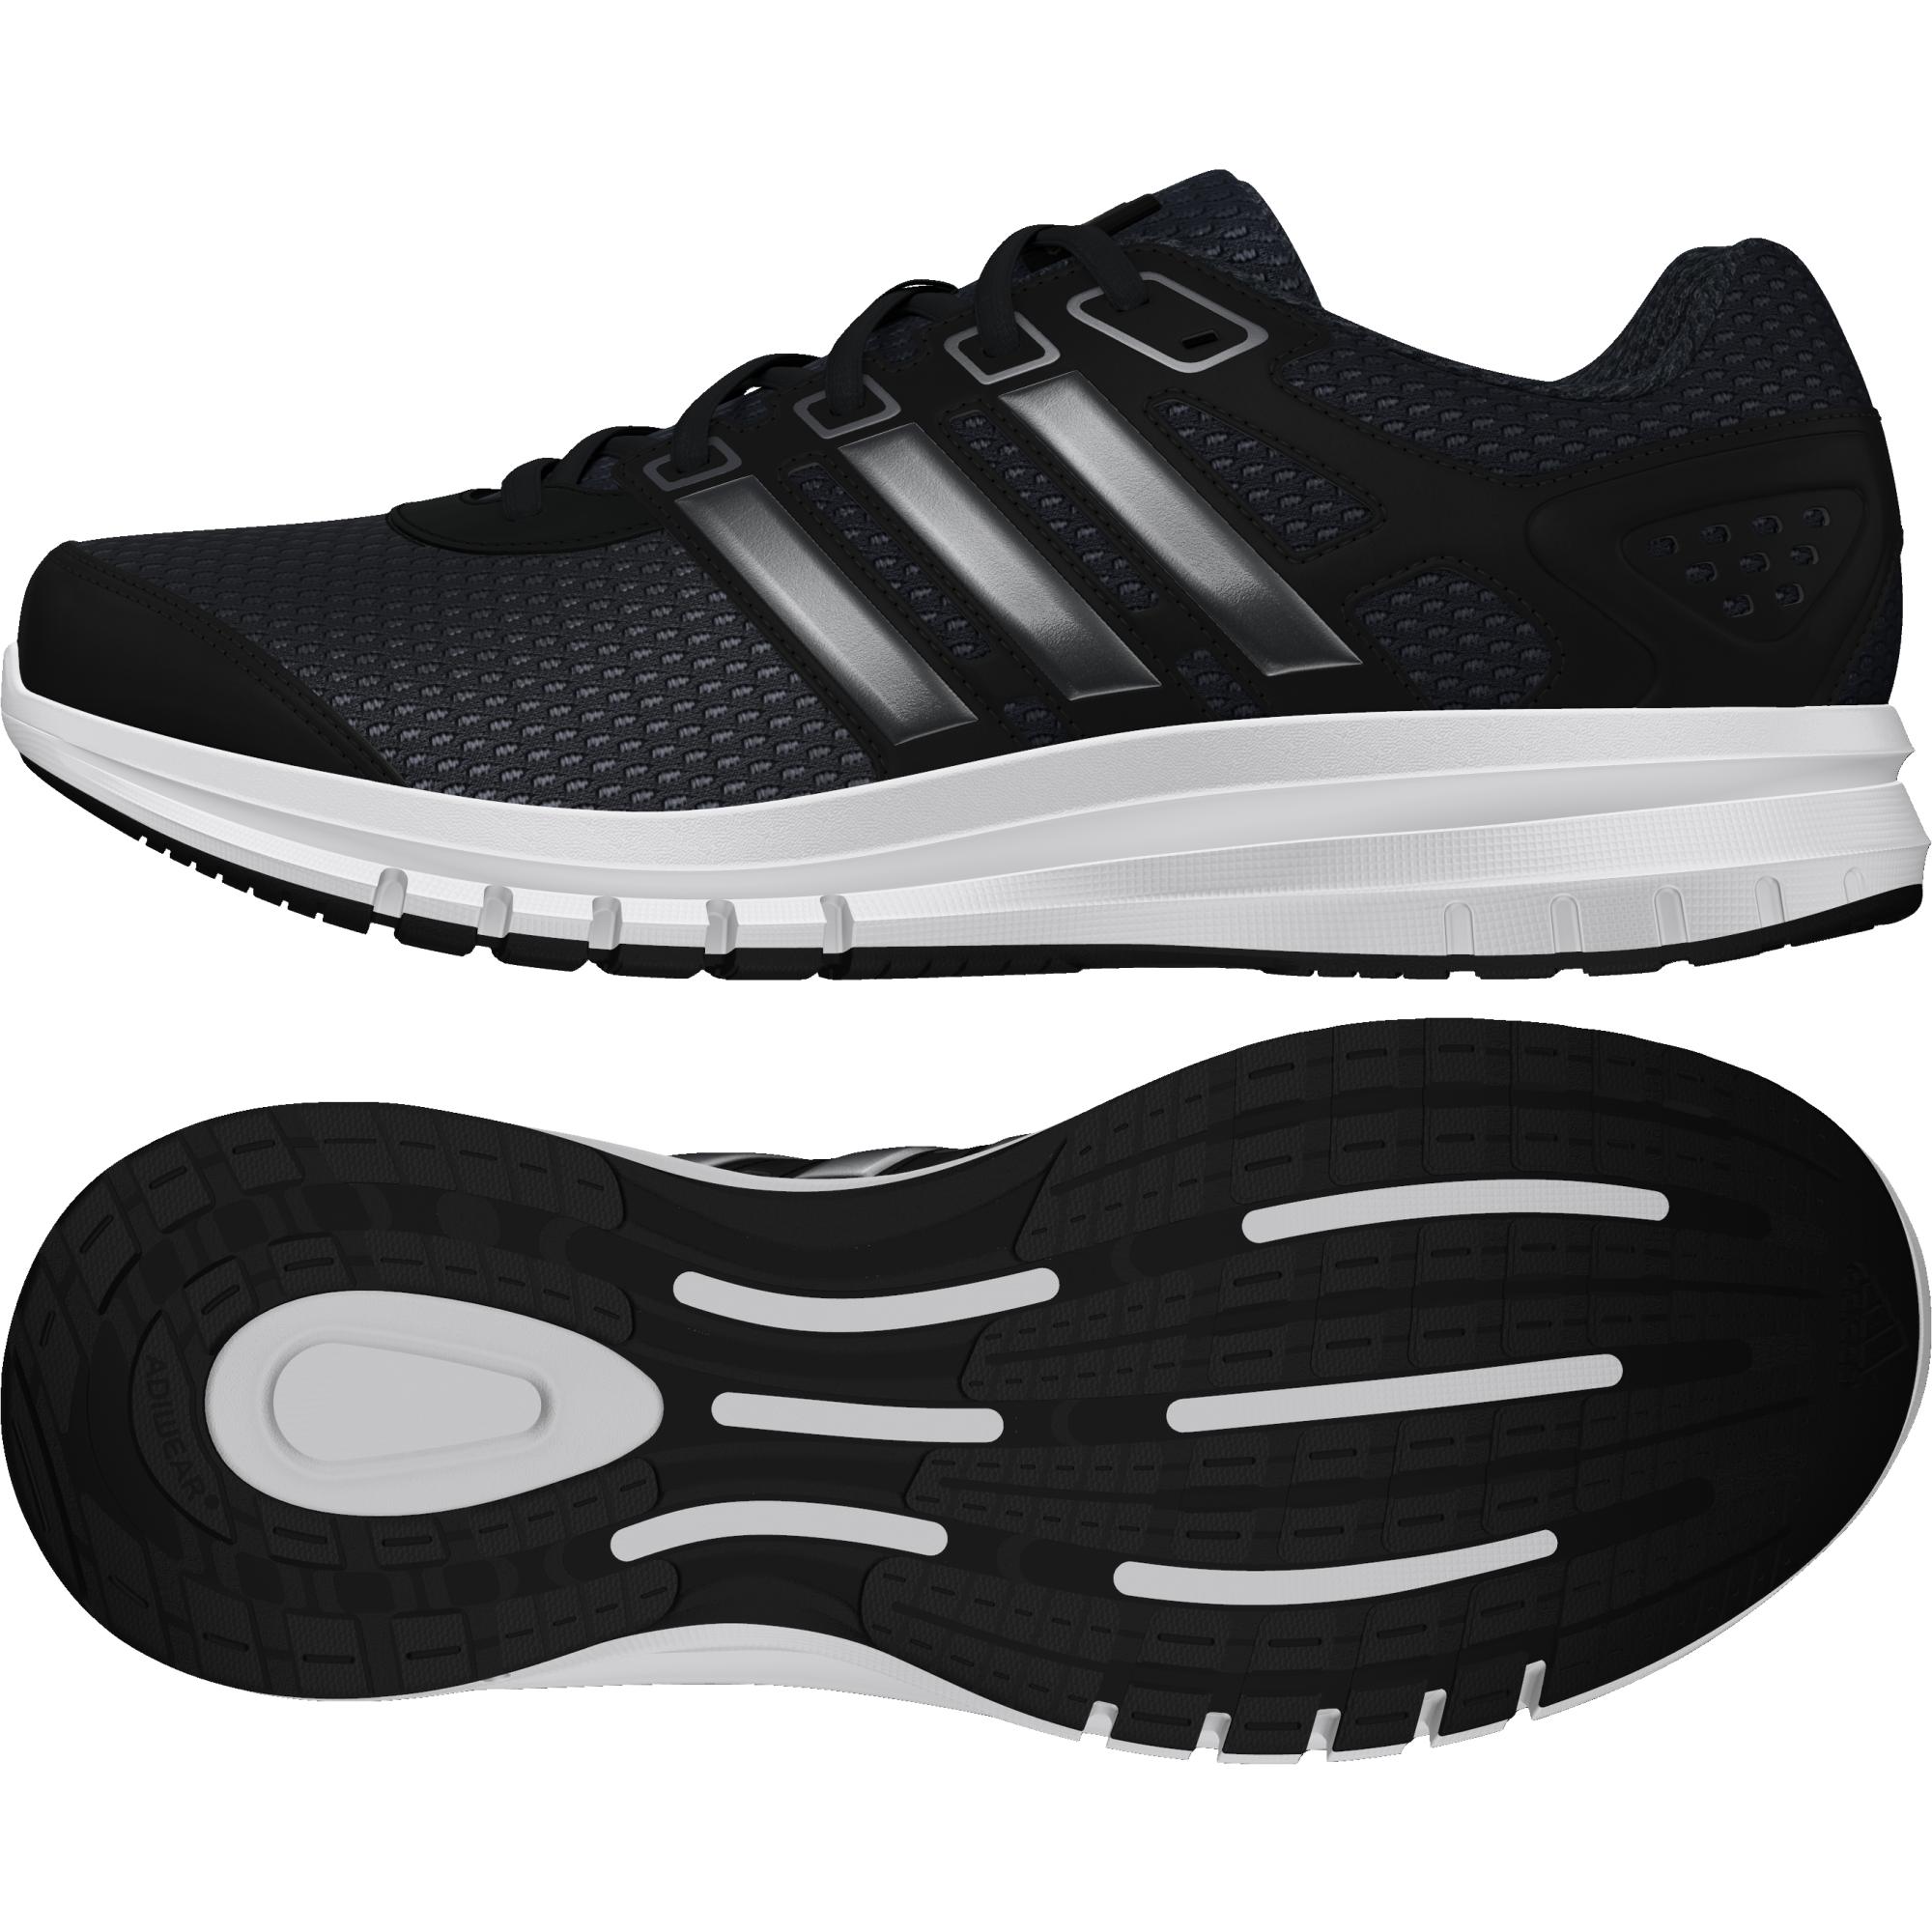 0288cb04ac Adidas Duramo Lite M férfi futócipő , Férfi cipő | futócipő |  adidas_performance | Adidas Duramo Lite M férfi futócipő